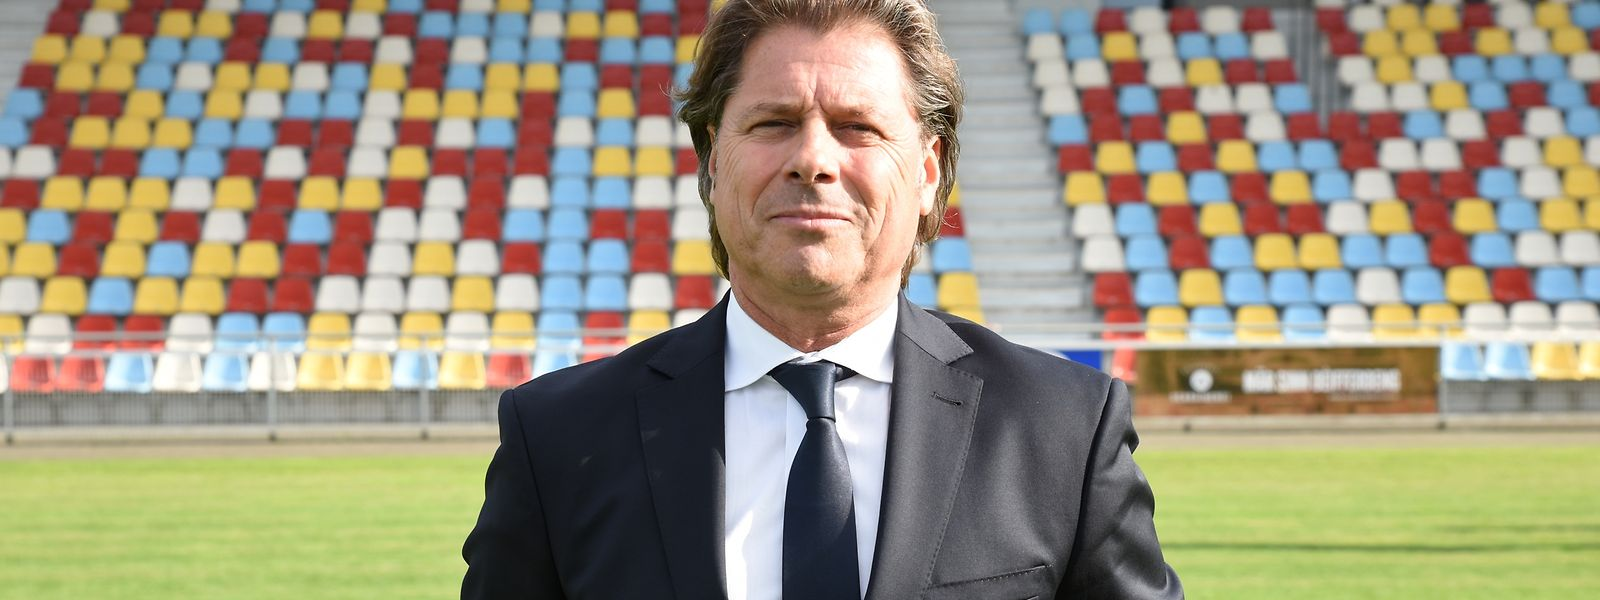 Fabrizio Bei trägt den Club nicht nur auf der Brust, sondern auch im Herzen.